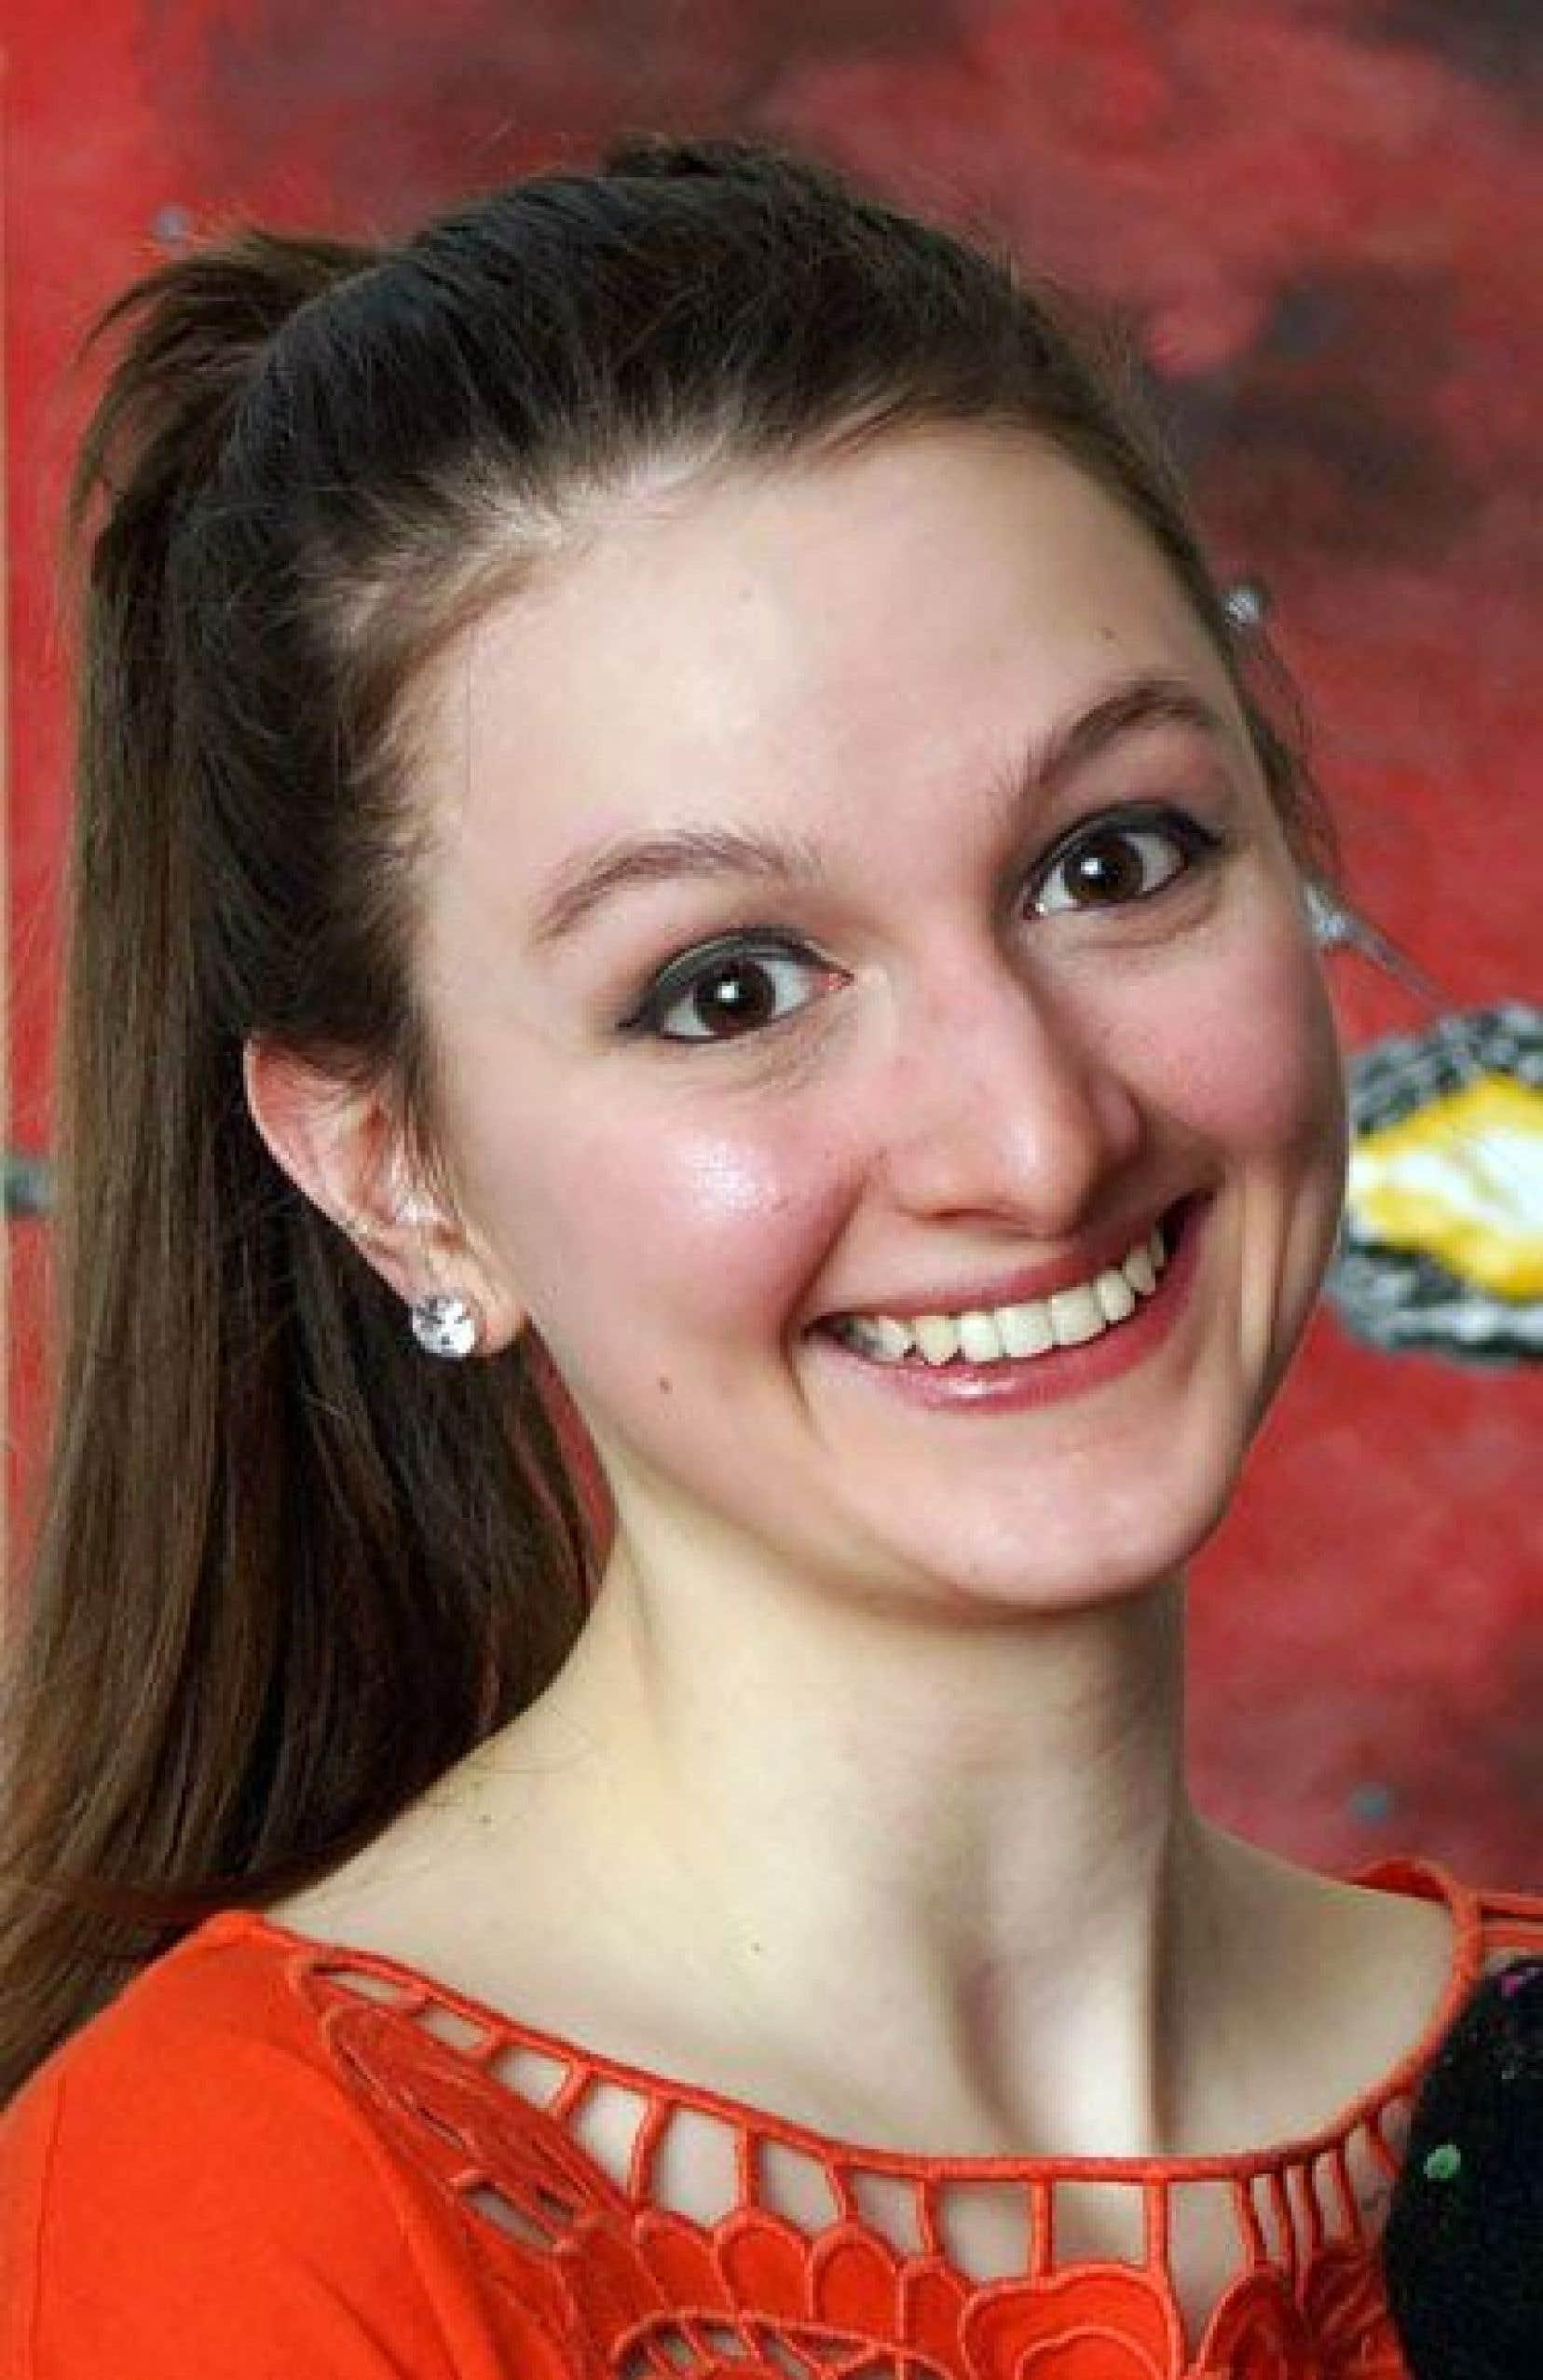 Le passage de Julie Bouliane à l'école primaire a été difficile. Aujourd'hui, âgée de 25 ans, elle est étudiante à la maîtrise en ressources humaines à l'École des sciences de la gestion de l'UQAM. Elle envisage le doctorat.